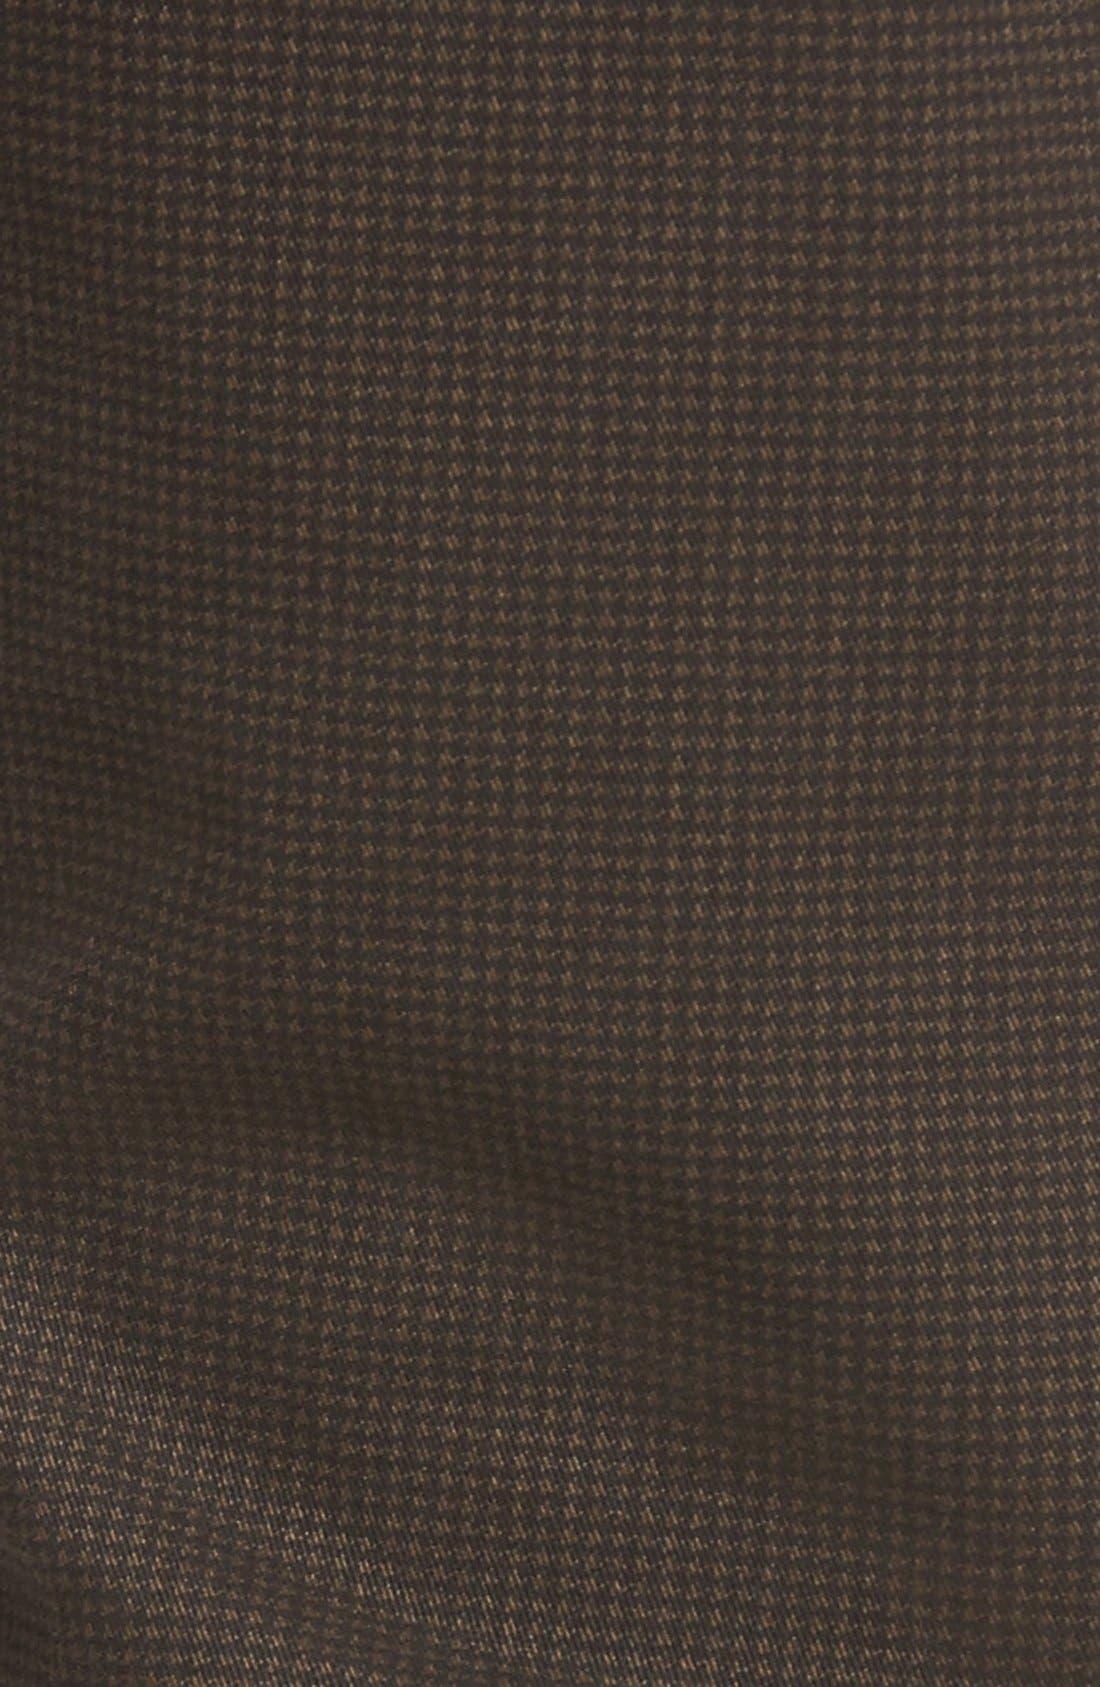 Mini Check Five-Pocket Pants,                             Alternate thumbnail 5, color,                             Truffle